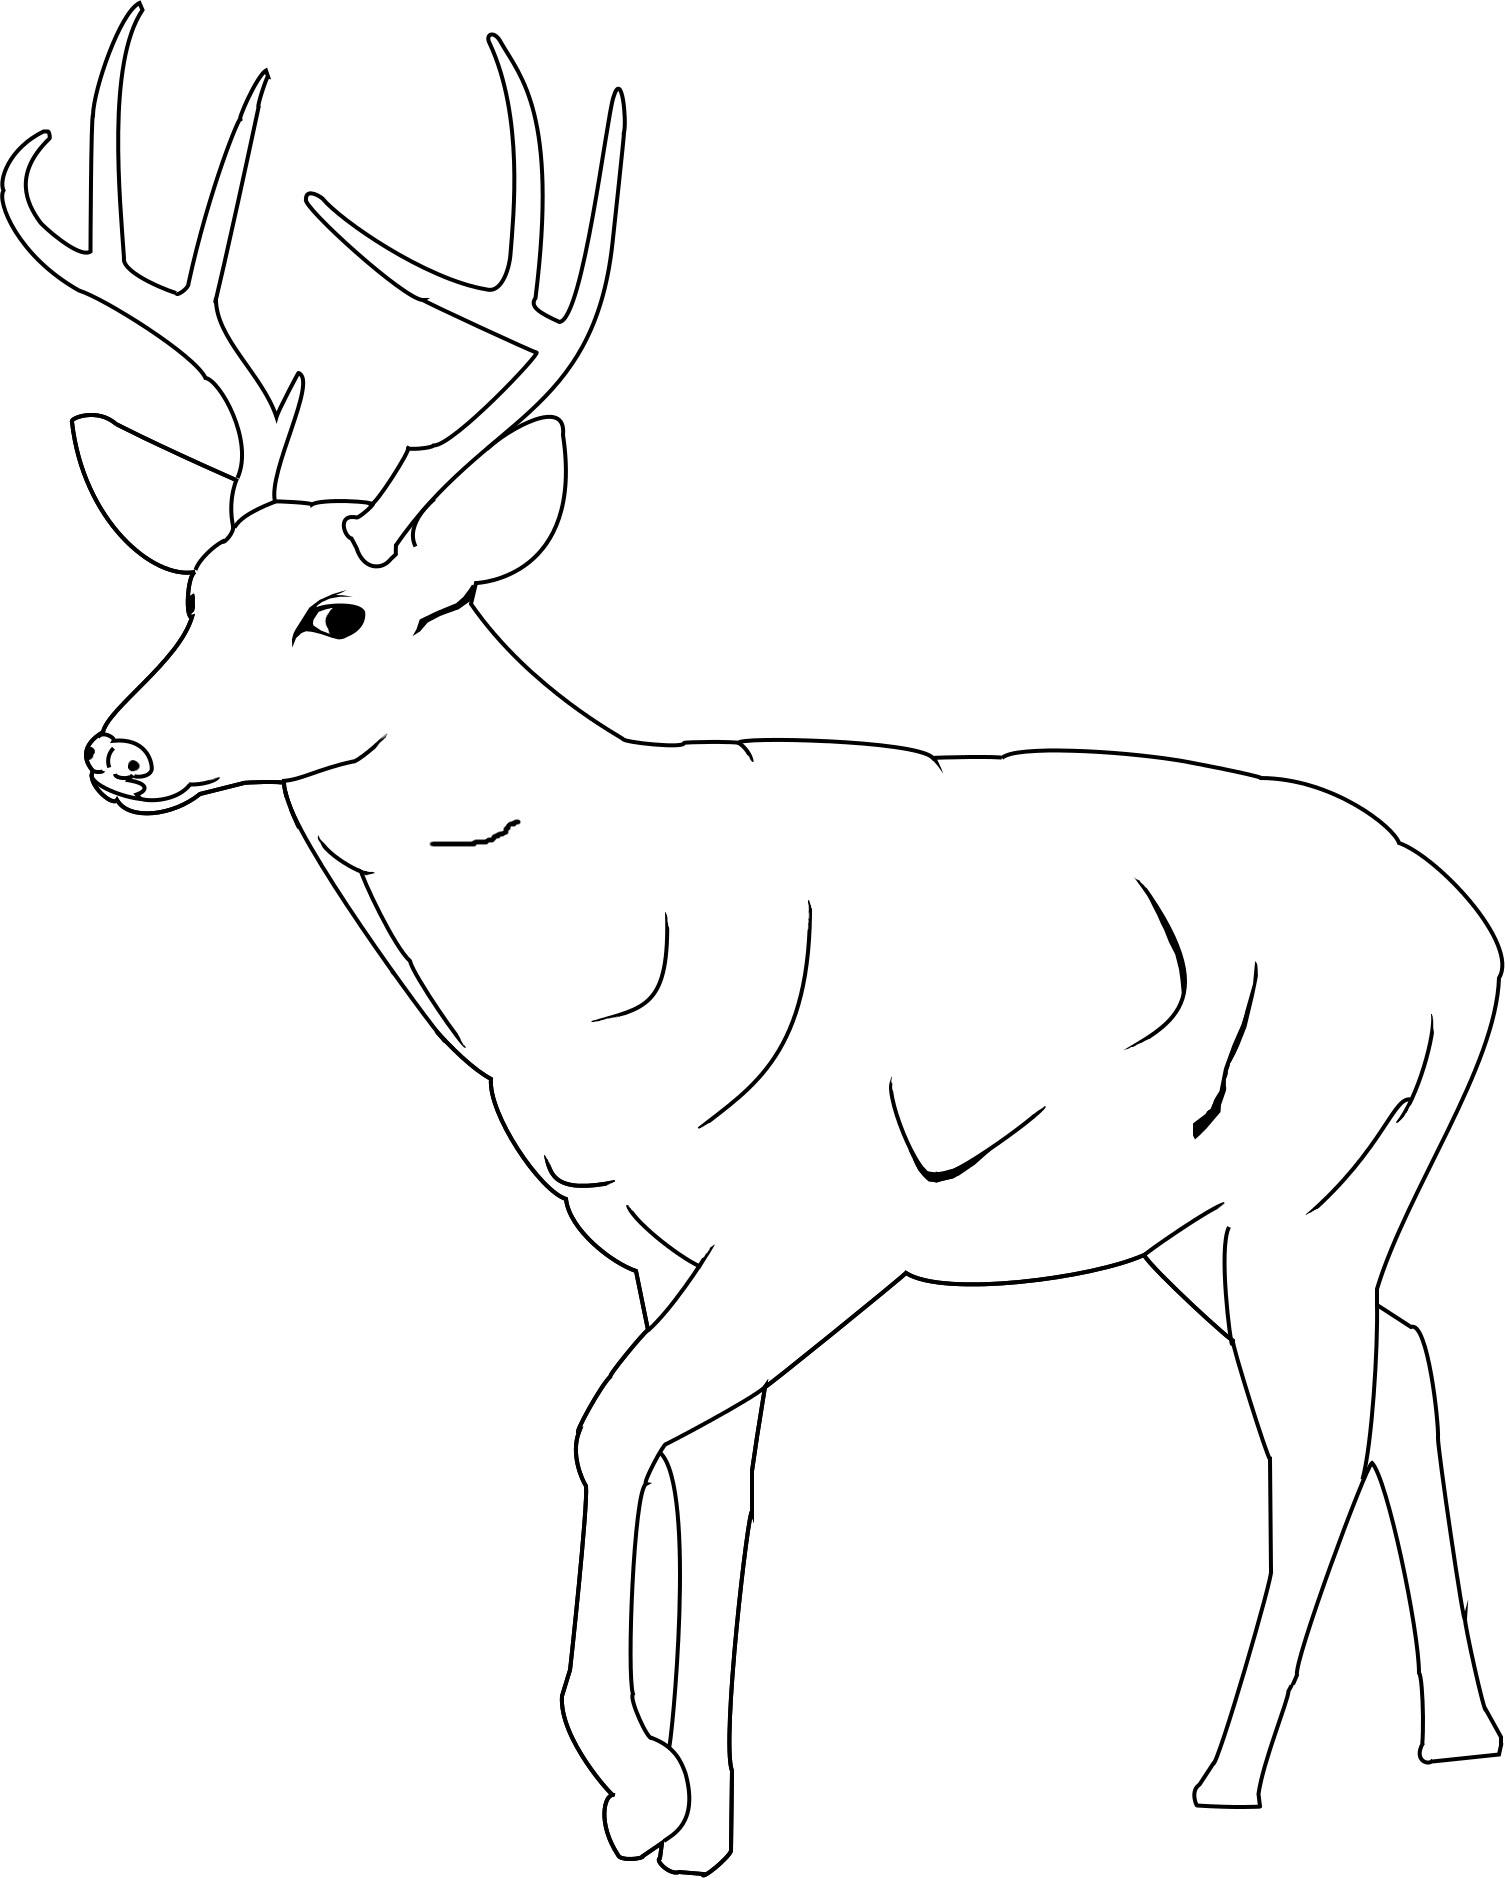 Deer Antlers Drawing at GetDrawings.com   Free for personal use Deer ...